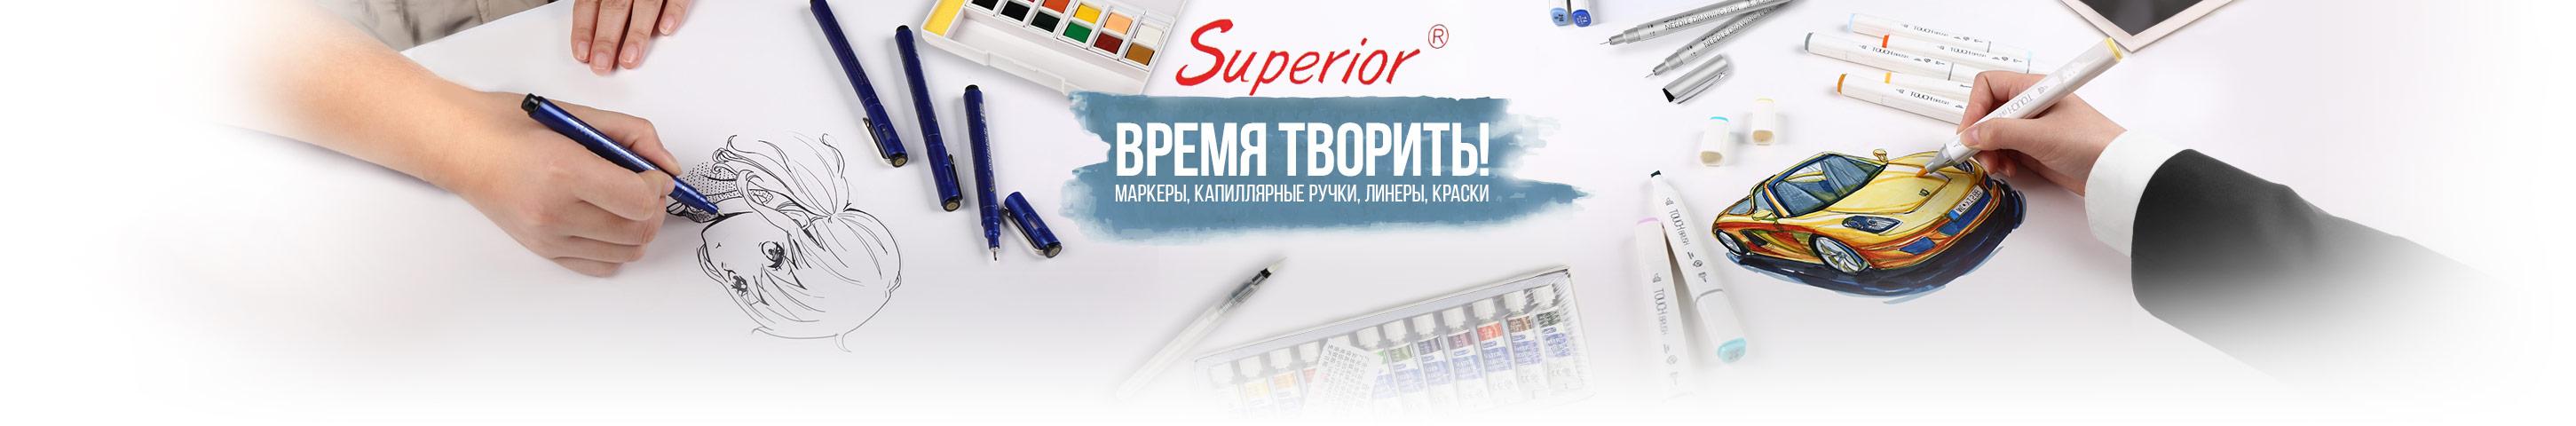 c3789730d6e4 Купить канцтовары оптом и в розницу   15000 товаров в интернет ...